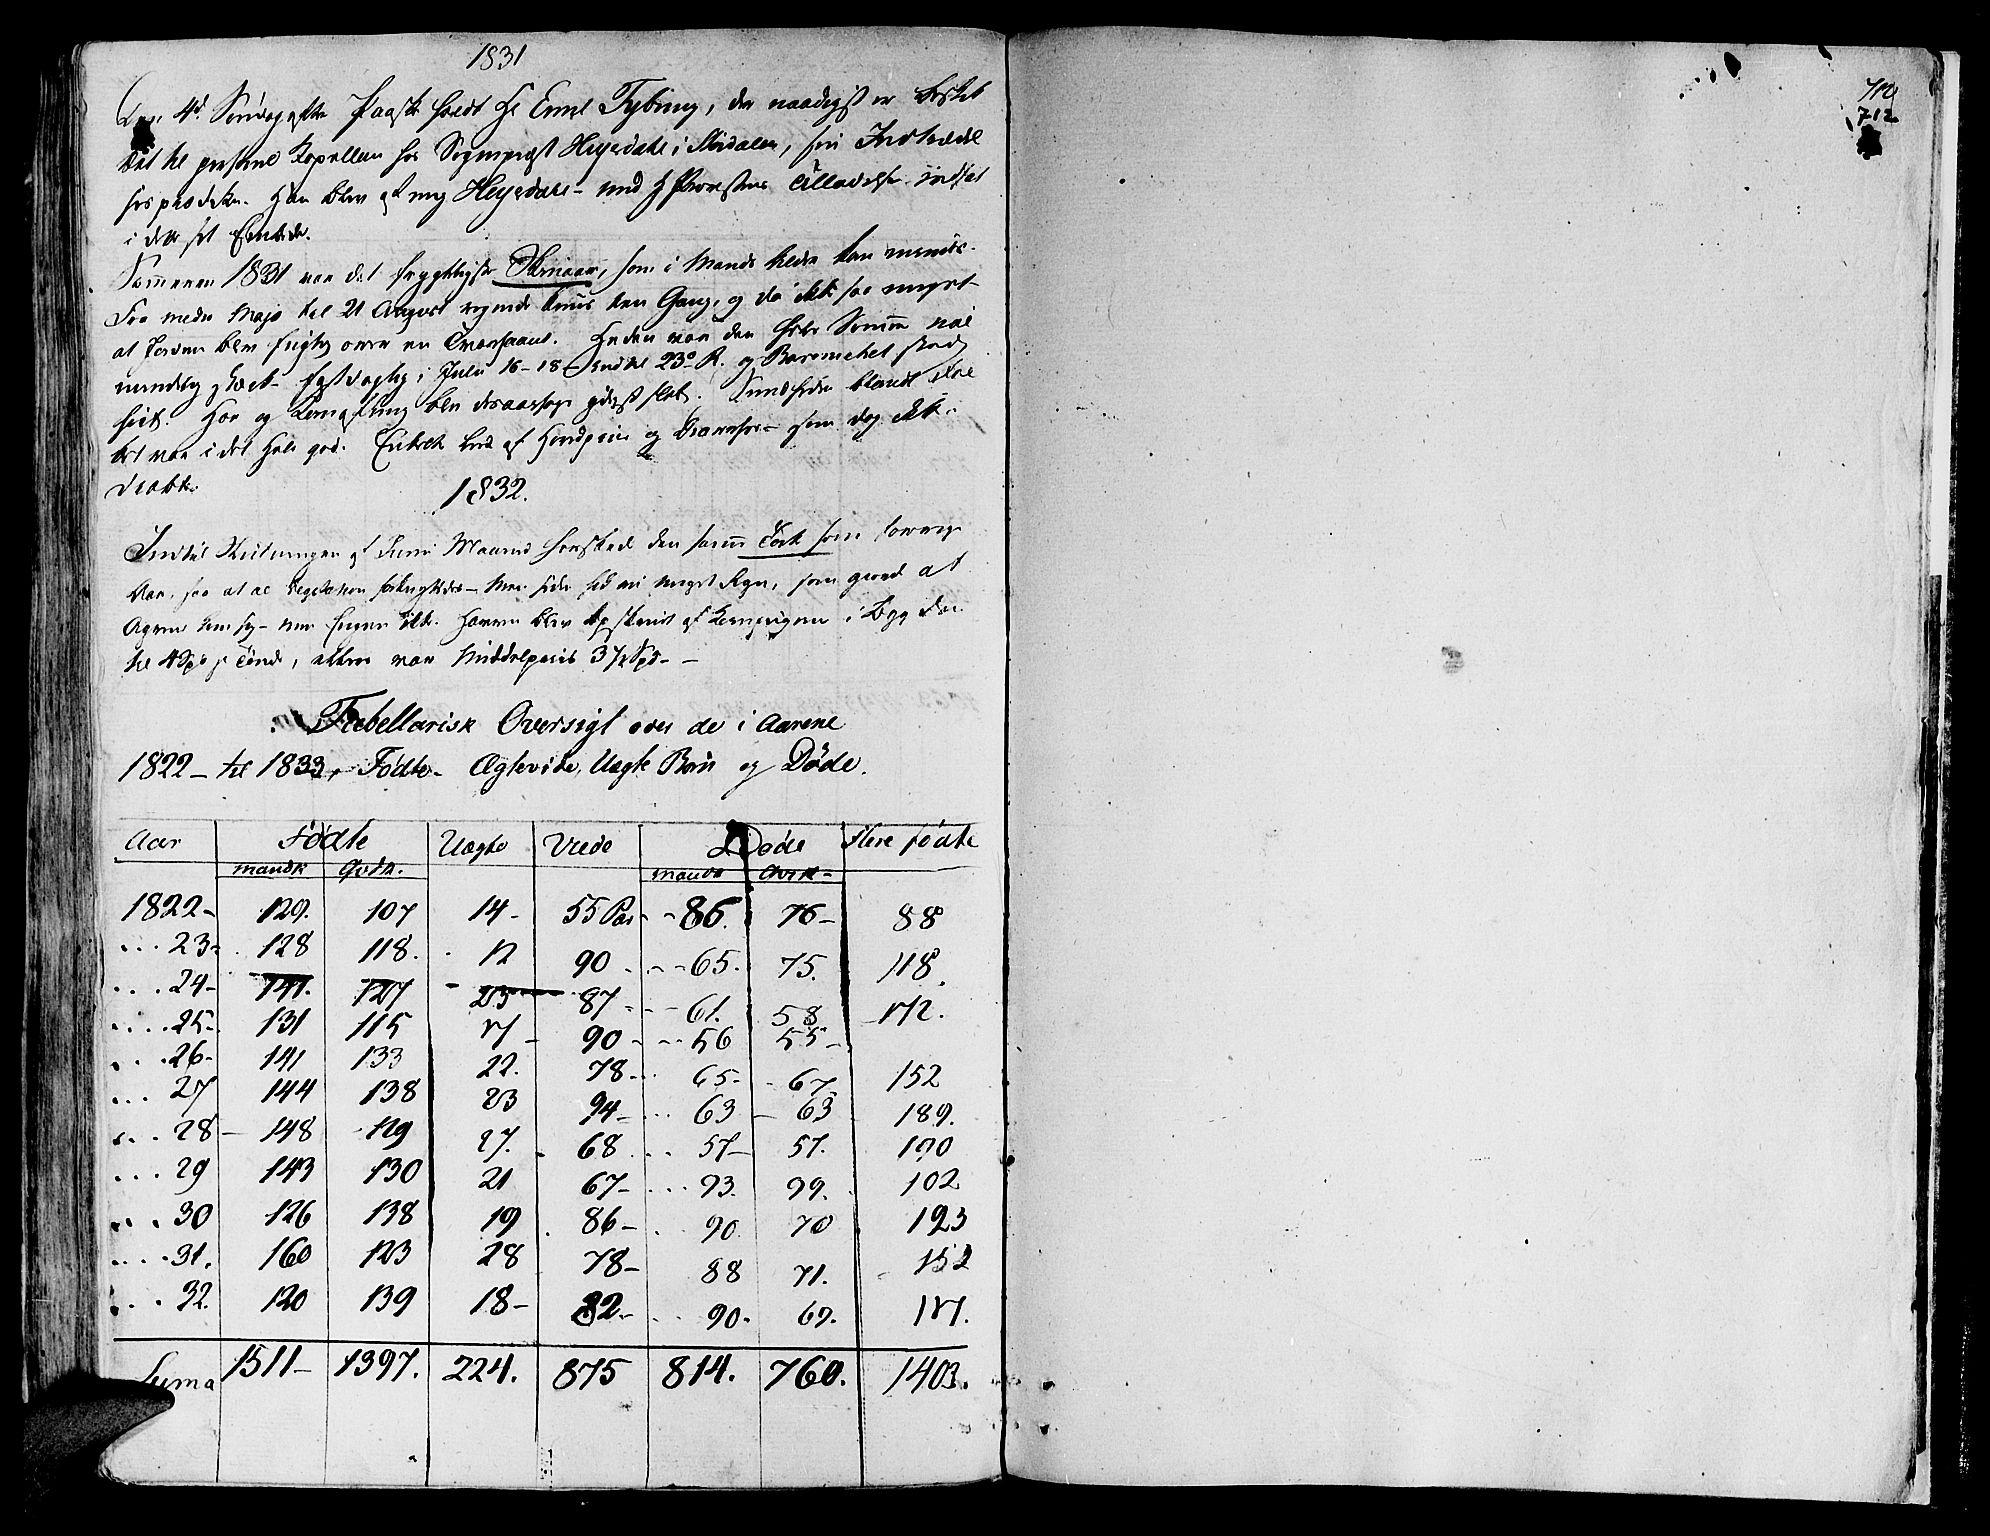 SAT, Ministerialprotokoller, klokkerbøker og fødselsregistre - Nord-Trøndelag, 709/L0070: Ministerialbok nr. 709A10, 1820-1832, s. 712